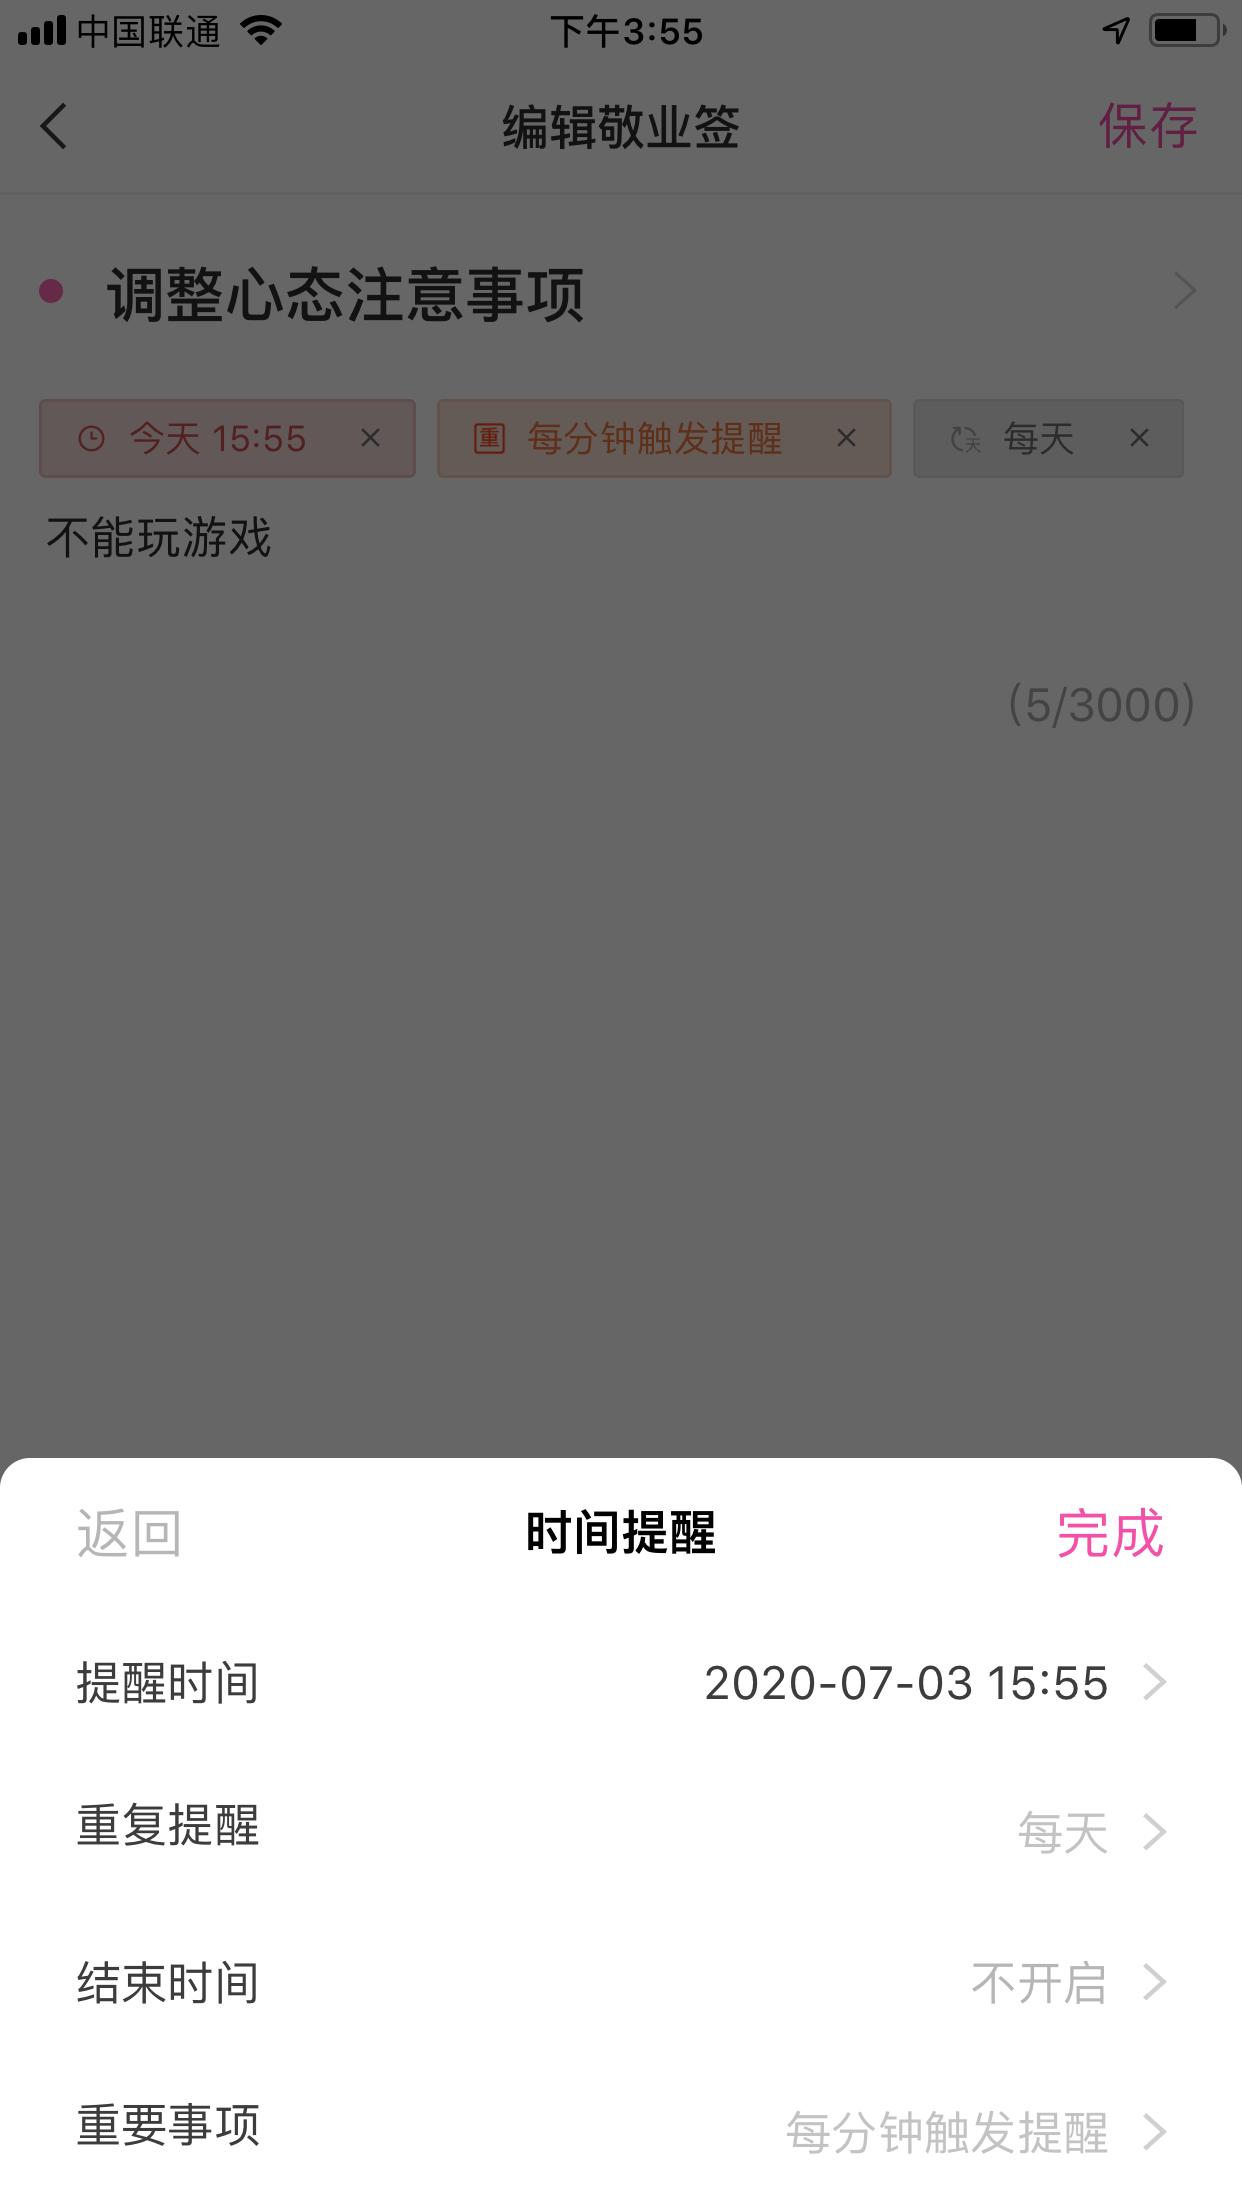 手机便签app提醒正确放松自己